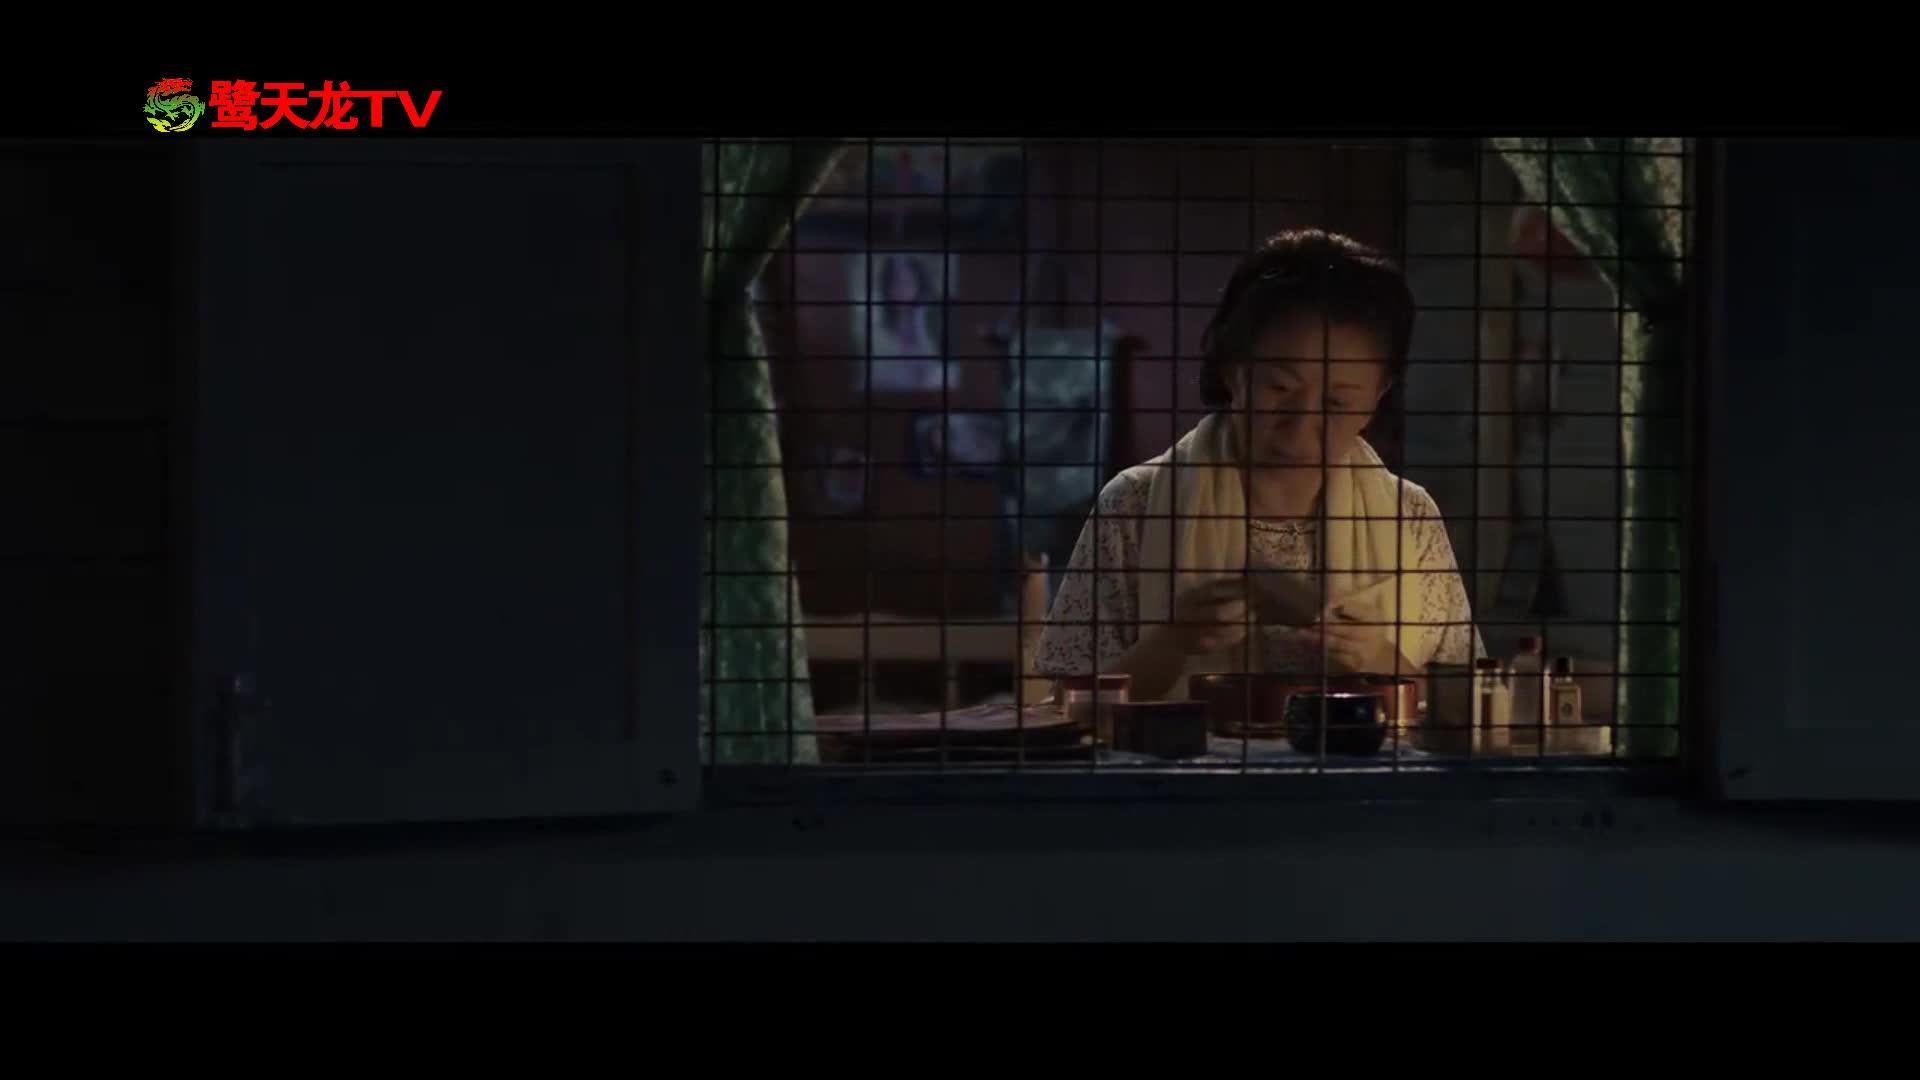 《我的妈呀》终极预告 鲍起静巅峰演技诠释感人母爱